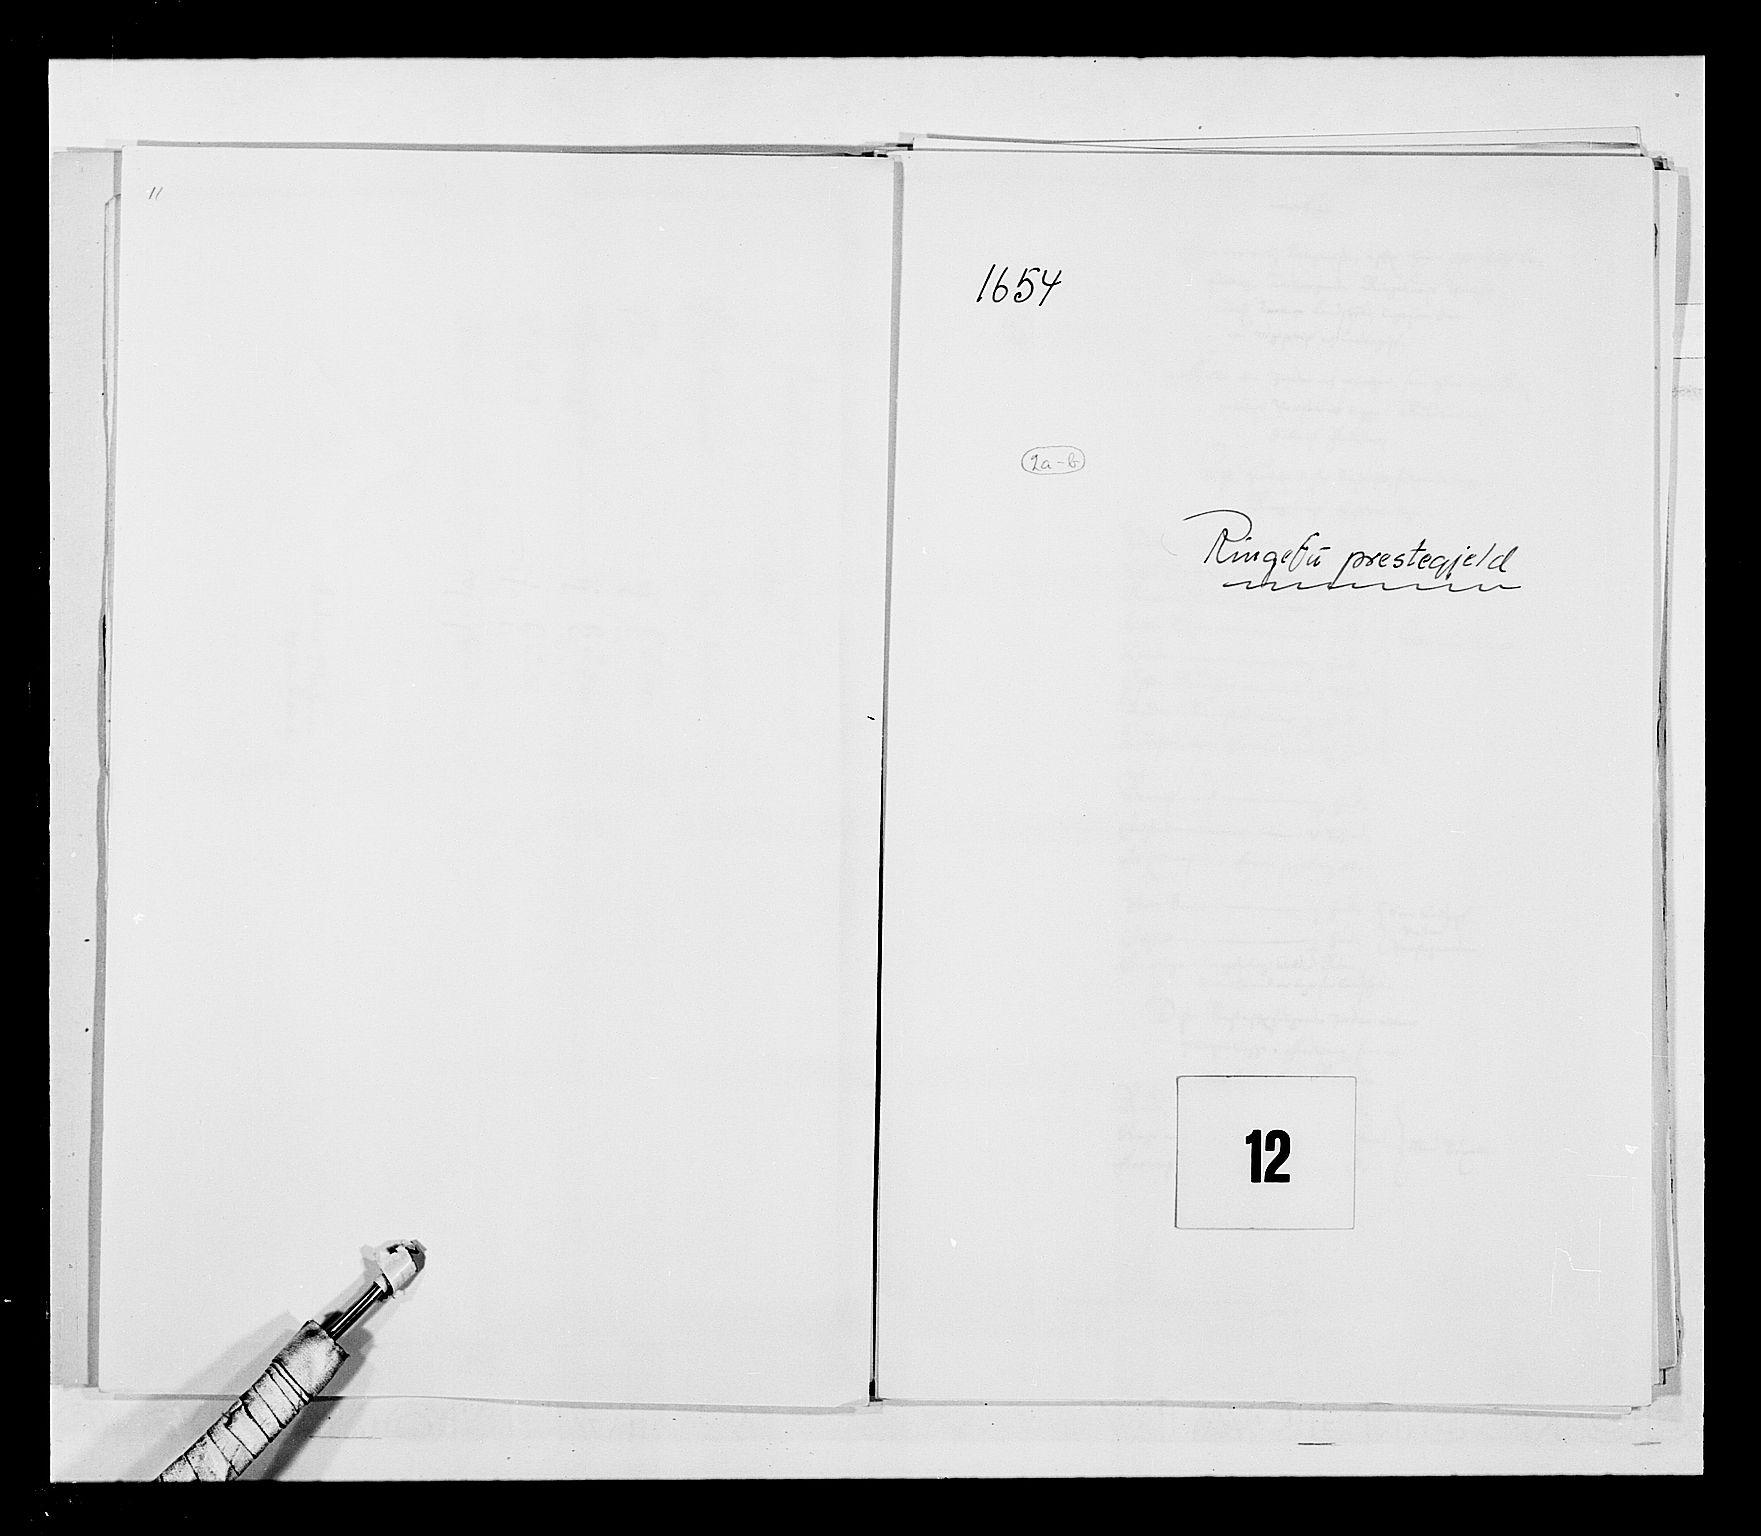 RA, Stattholderembetet 1572-1771, Ek/L0030: Jordebøker 1633-1658:, 1654, s. 51